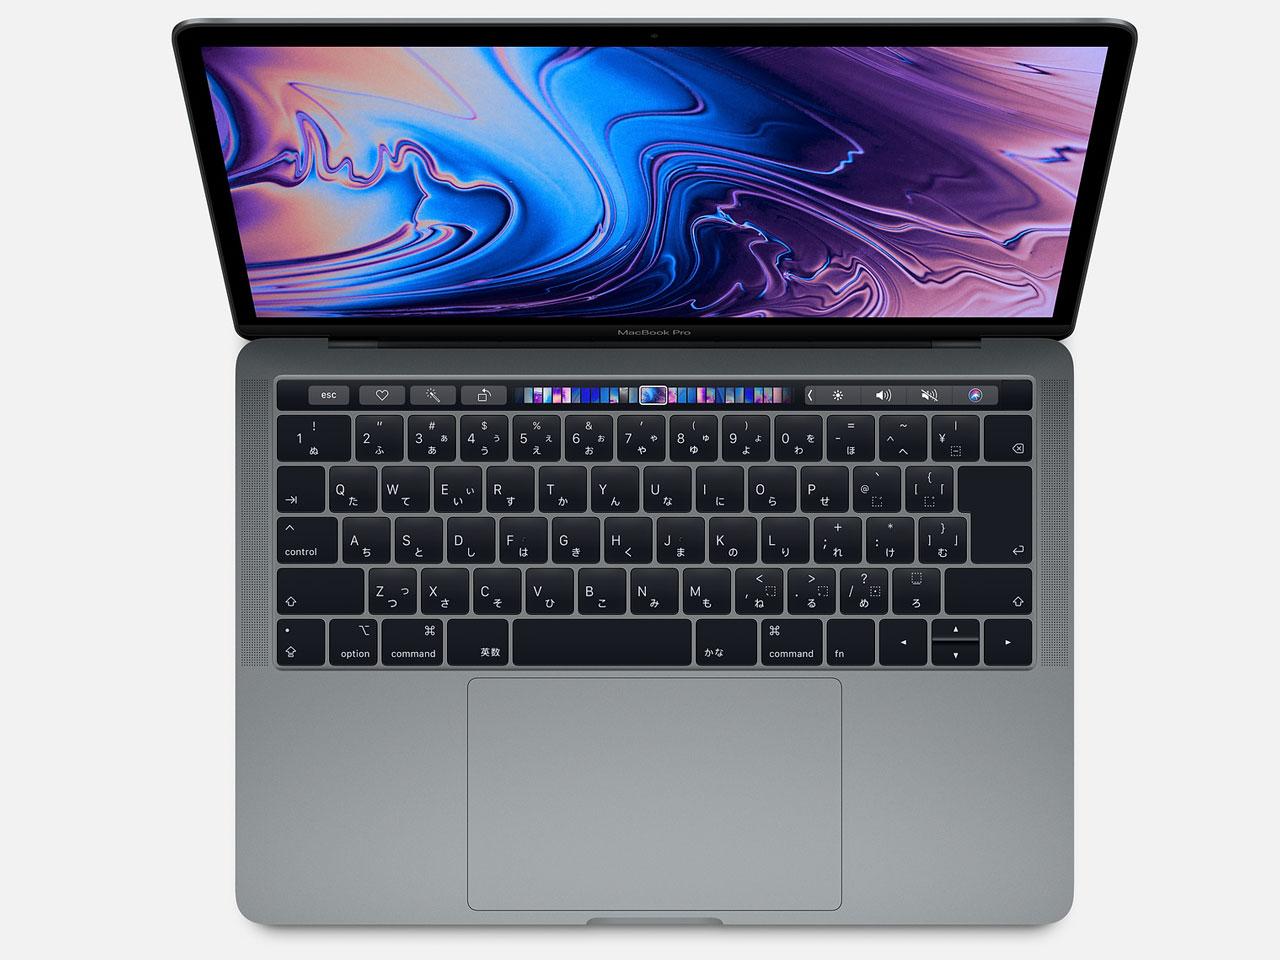 MacBook Pro Retinaディスプレイ 1400/13.3 MUHP2J/A [スペースグレイ] の製品画像